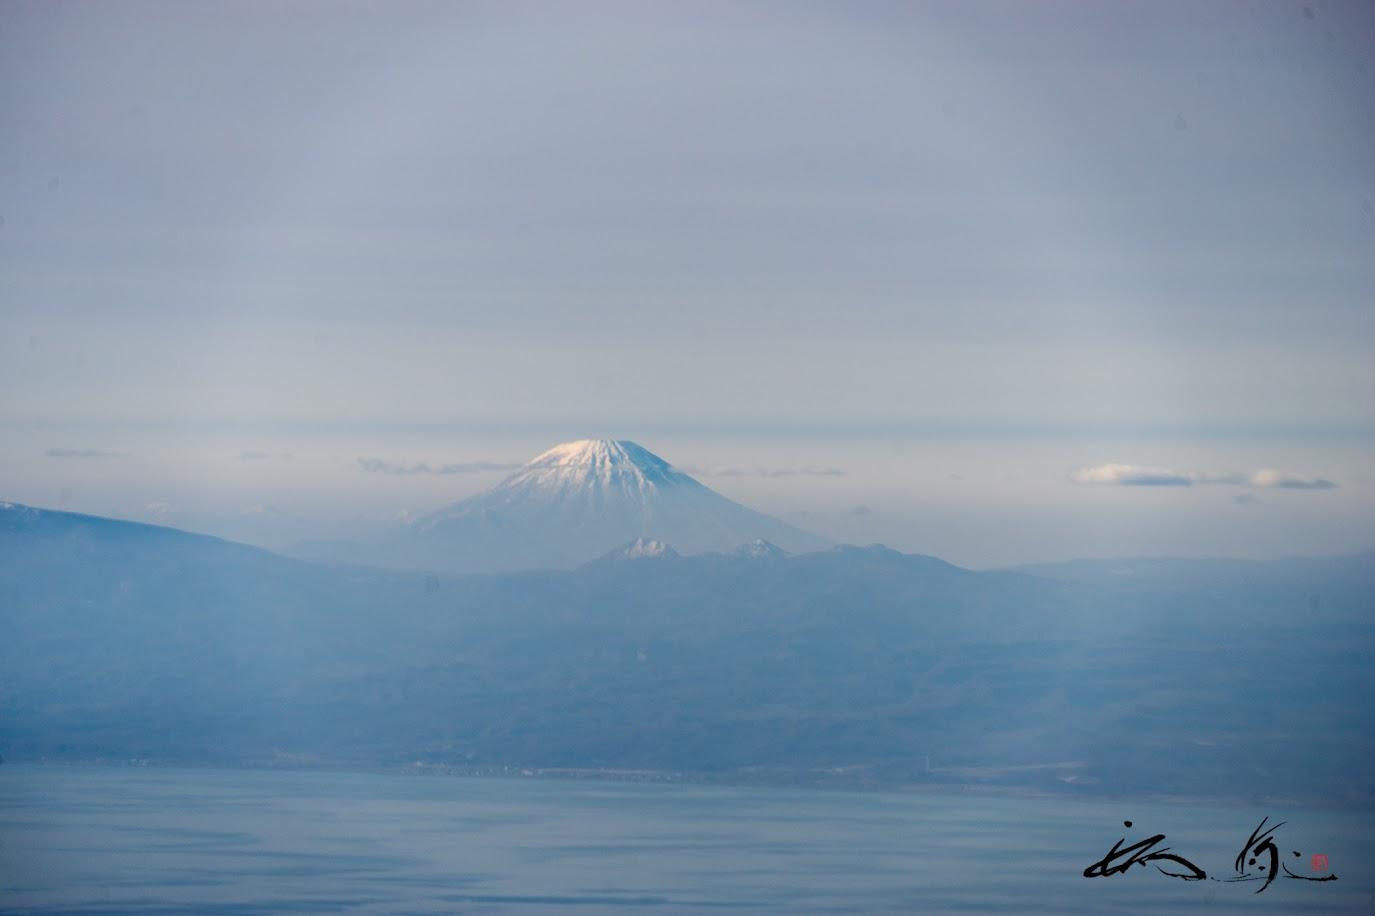 天空に浮かび上がる蝦夷富士